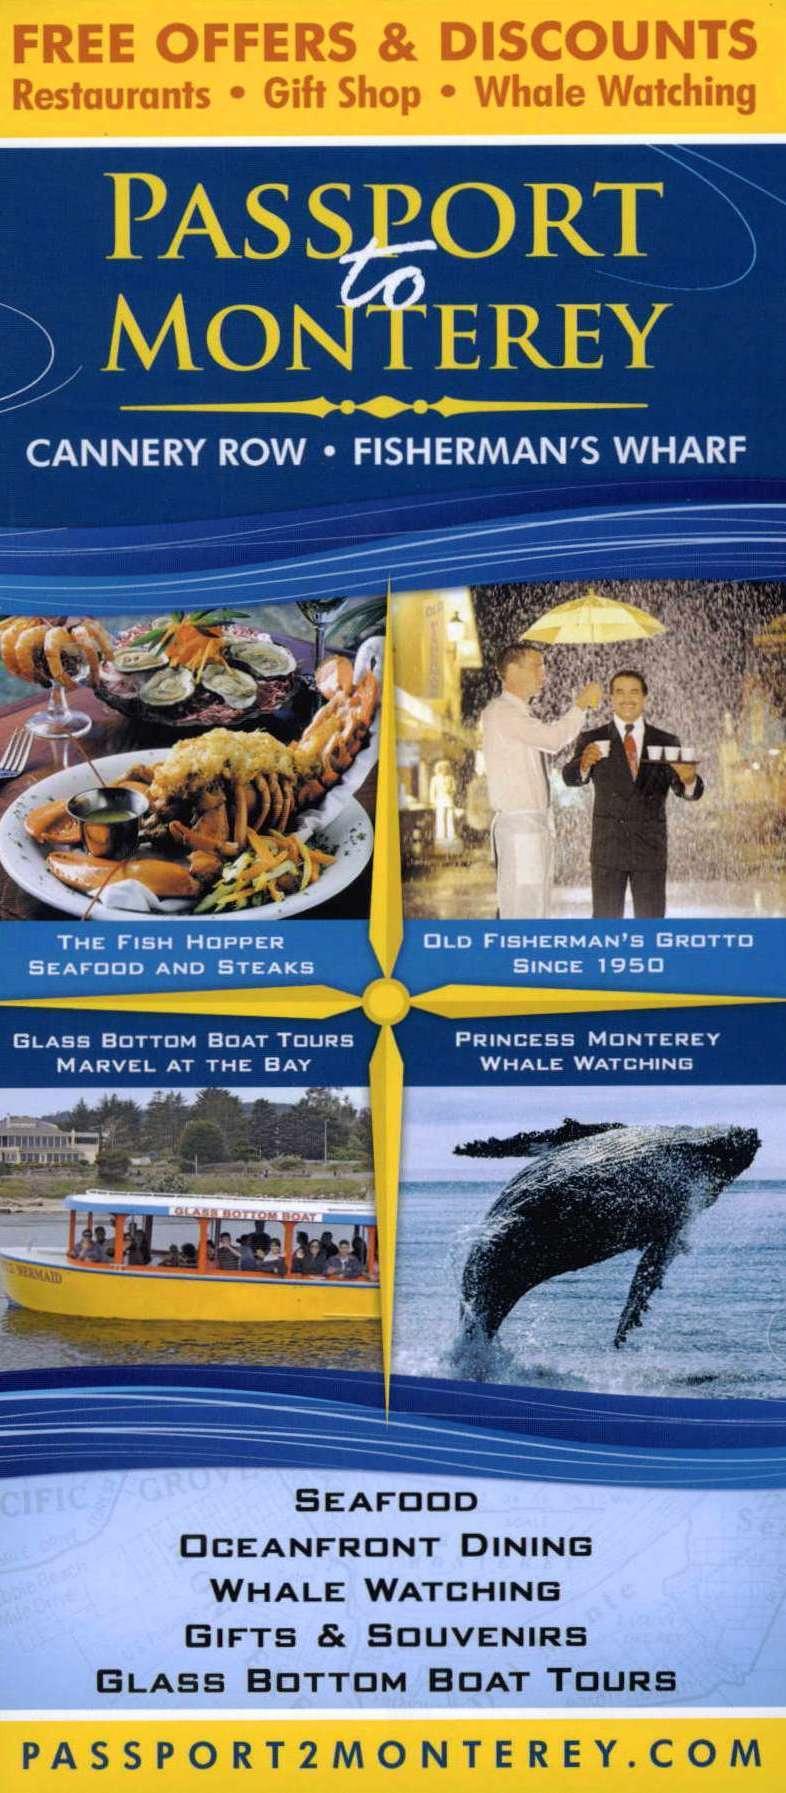 Passport to Monterey